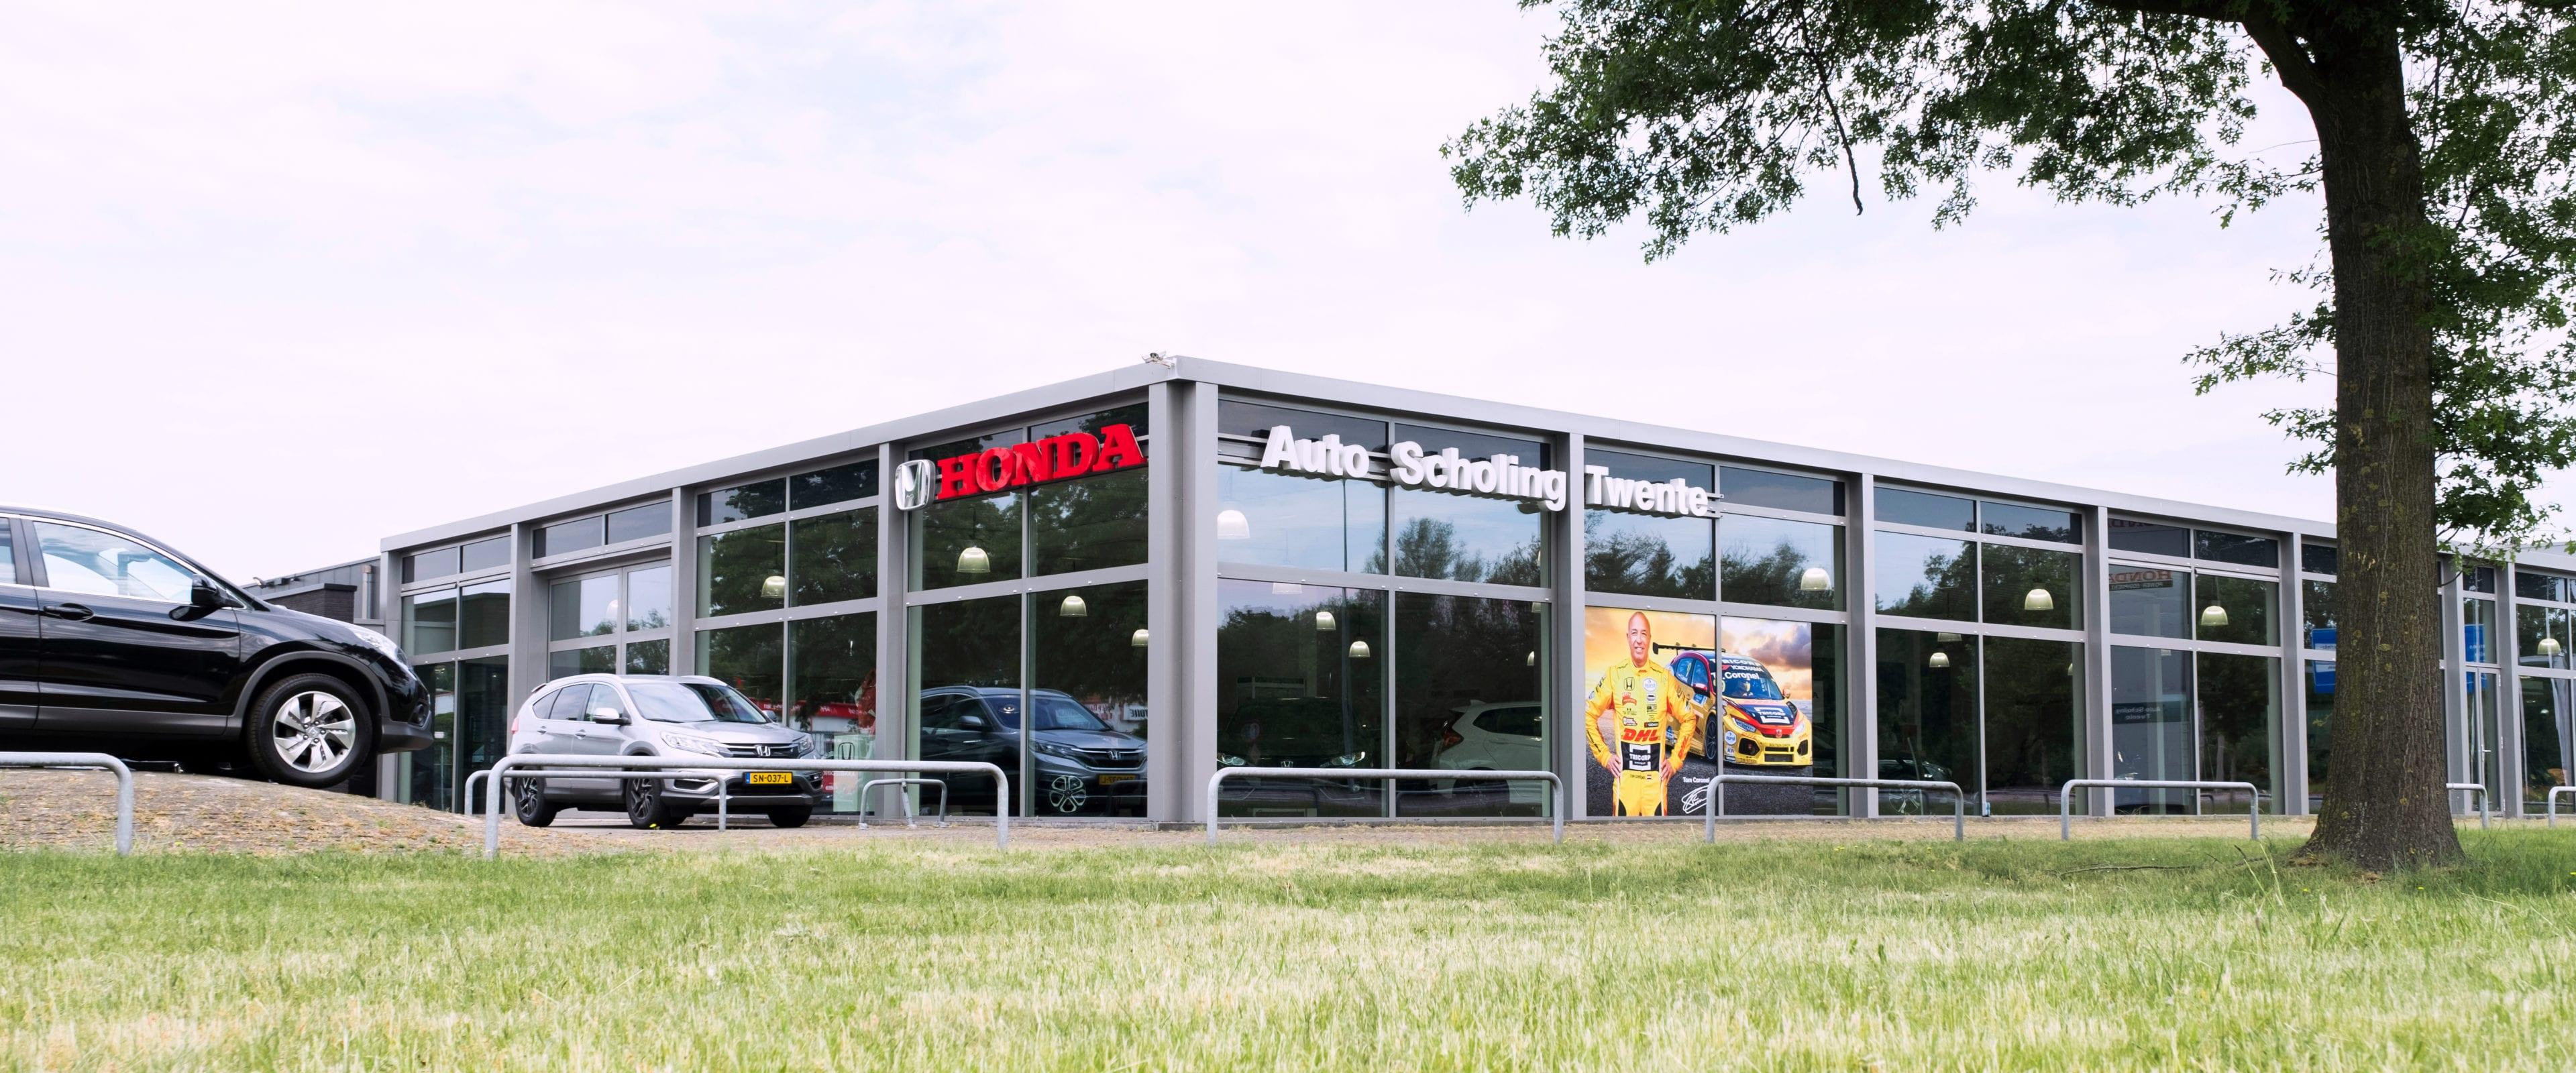 Welkom bij Auto Scholing Twente